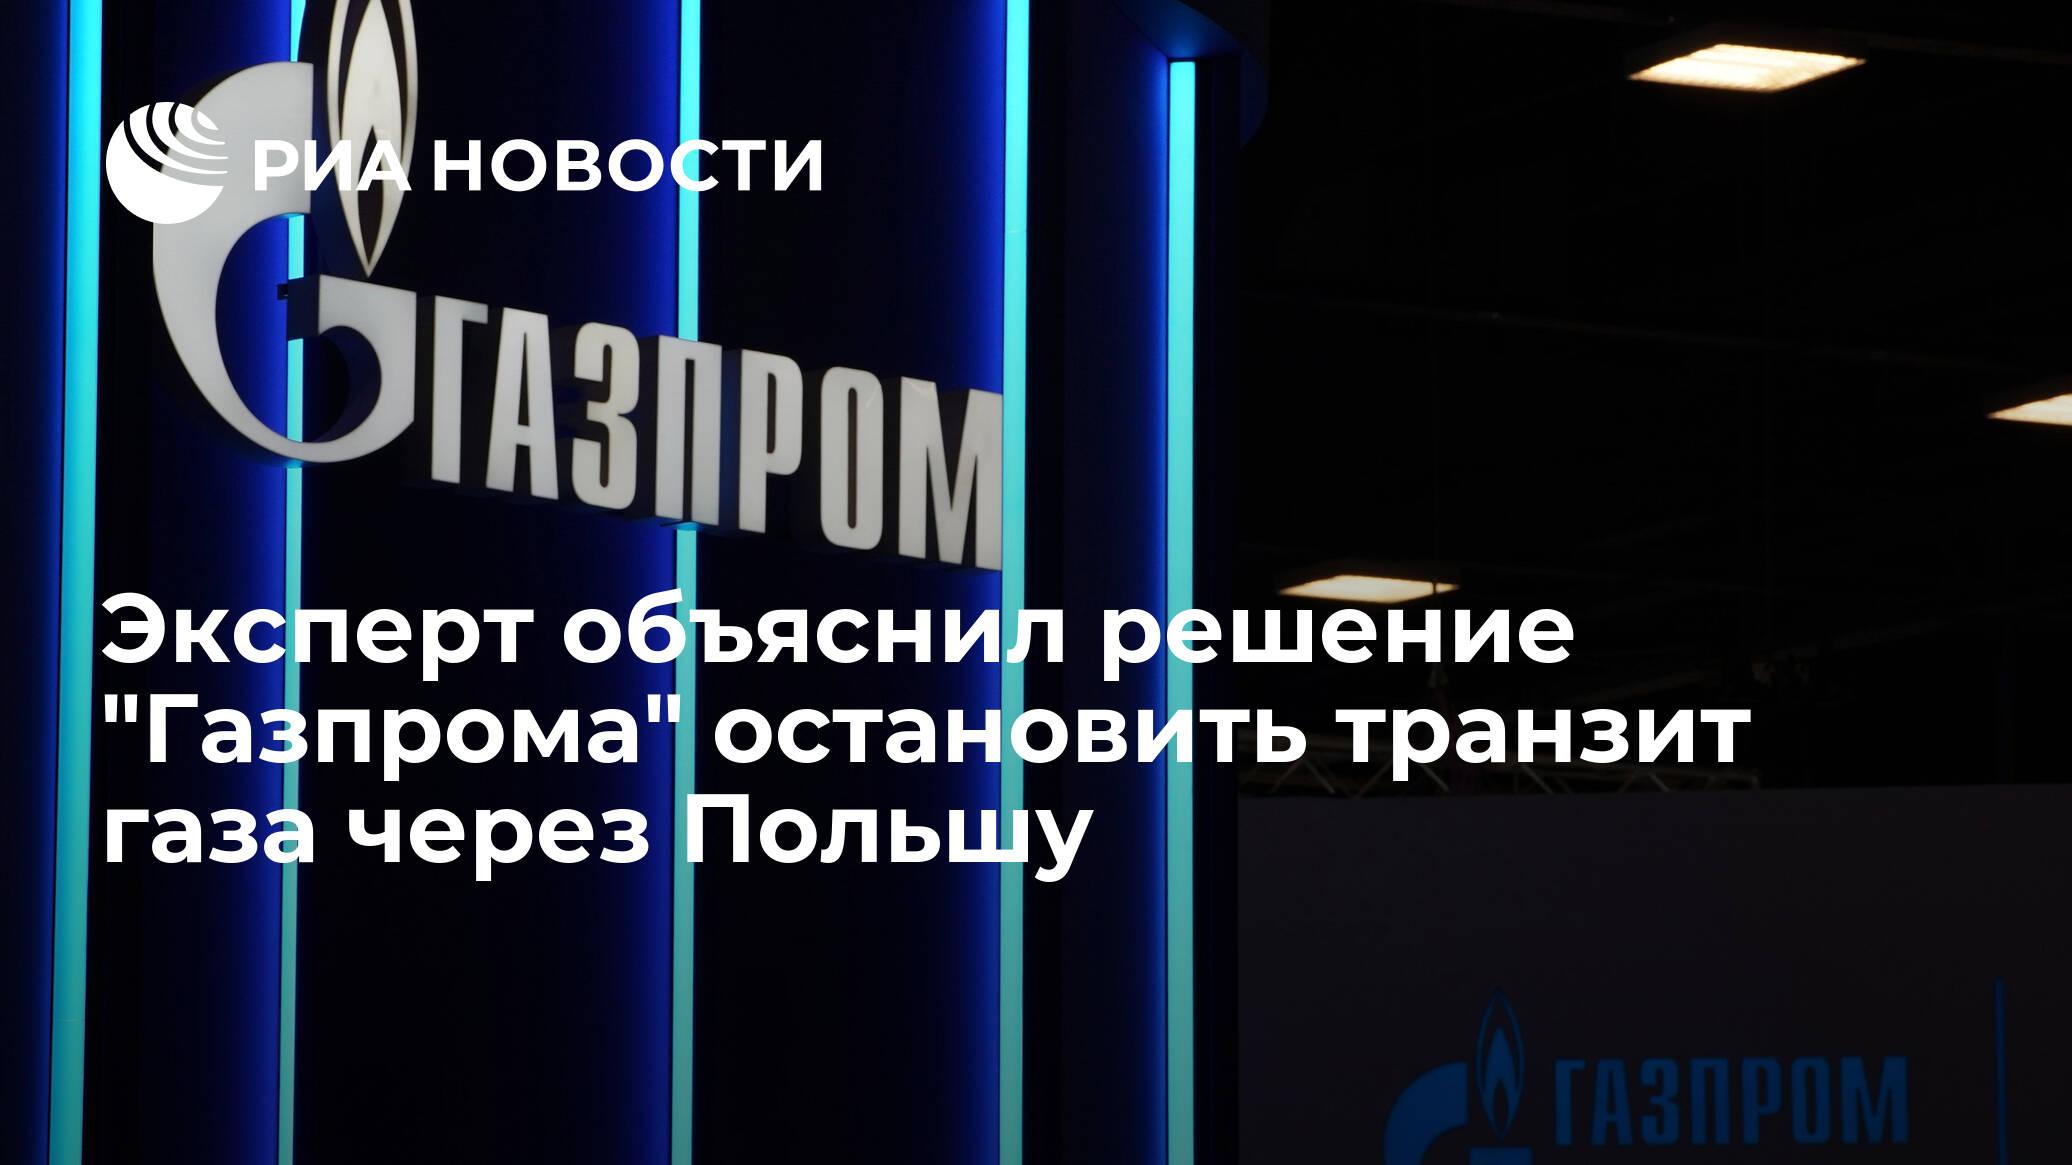 Эксперт объяснил решение 'Газпрома' остановить транзит газа через Польшу - РИА НОВОСТИ